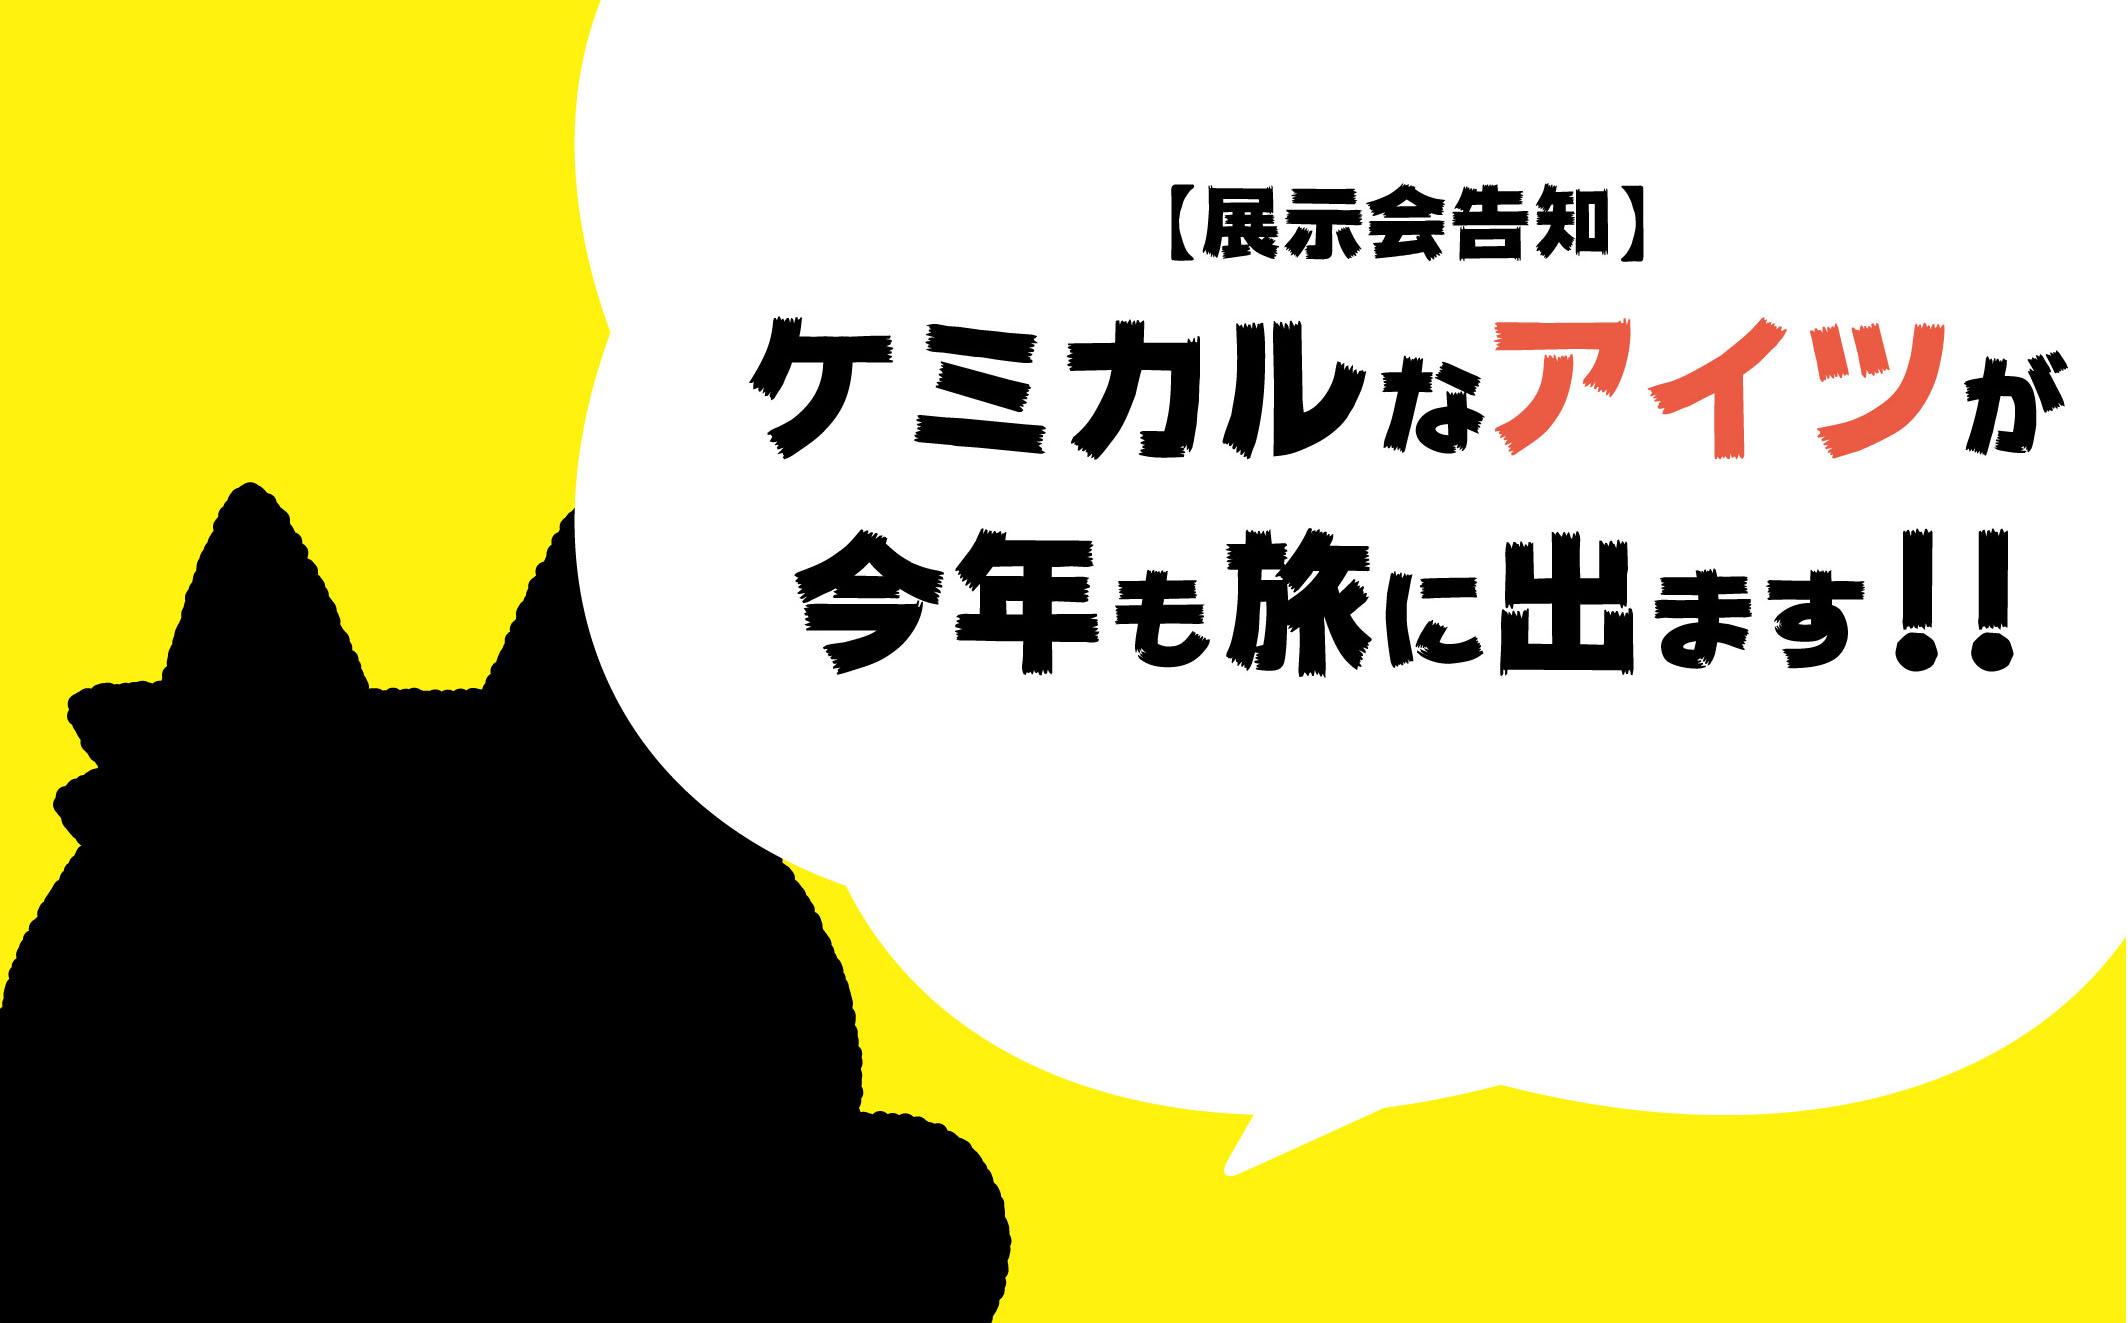 【展示会告知】ケミカルなアイツが今年も旅に出ます!!